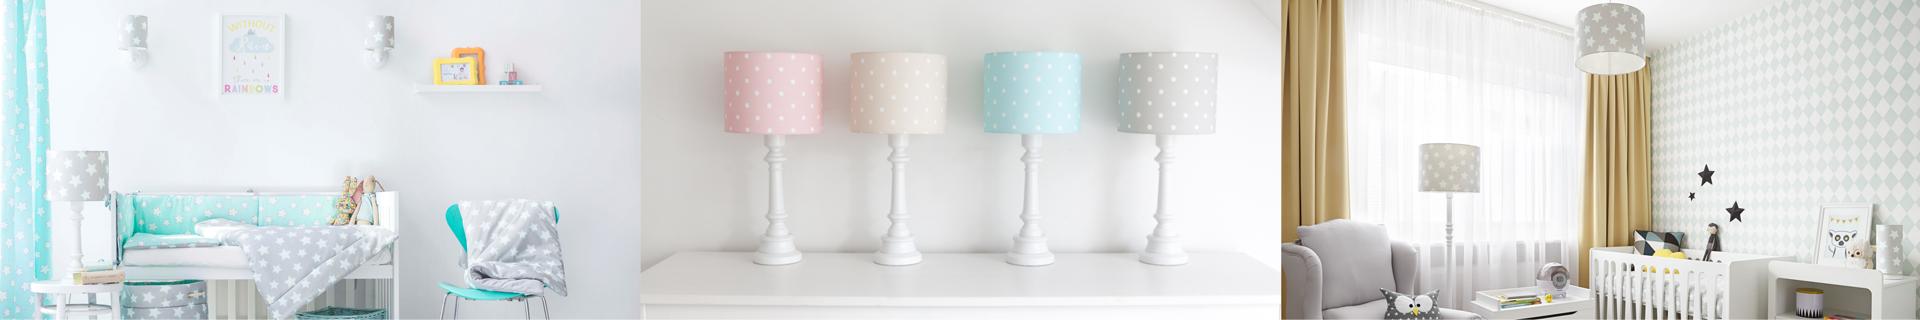 Lampy wiszące dla dzieci - My Sweet Room - Meble dziecięce